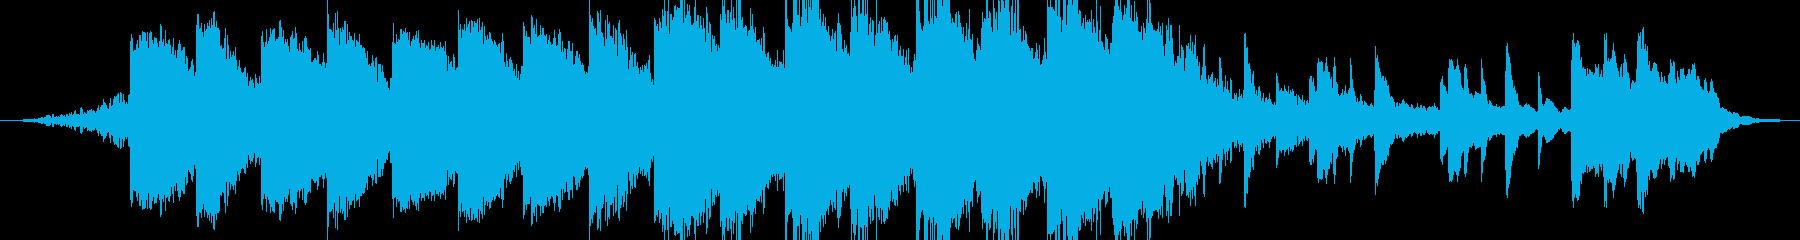 動画 魔法 環境 平和 ピアノ エ...の再生済みの波形